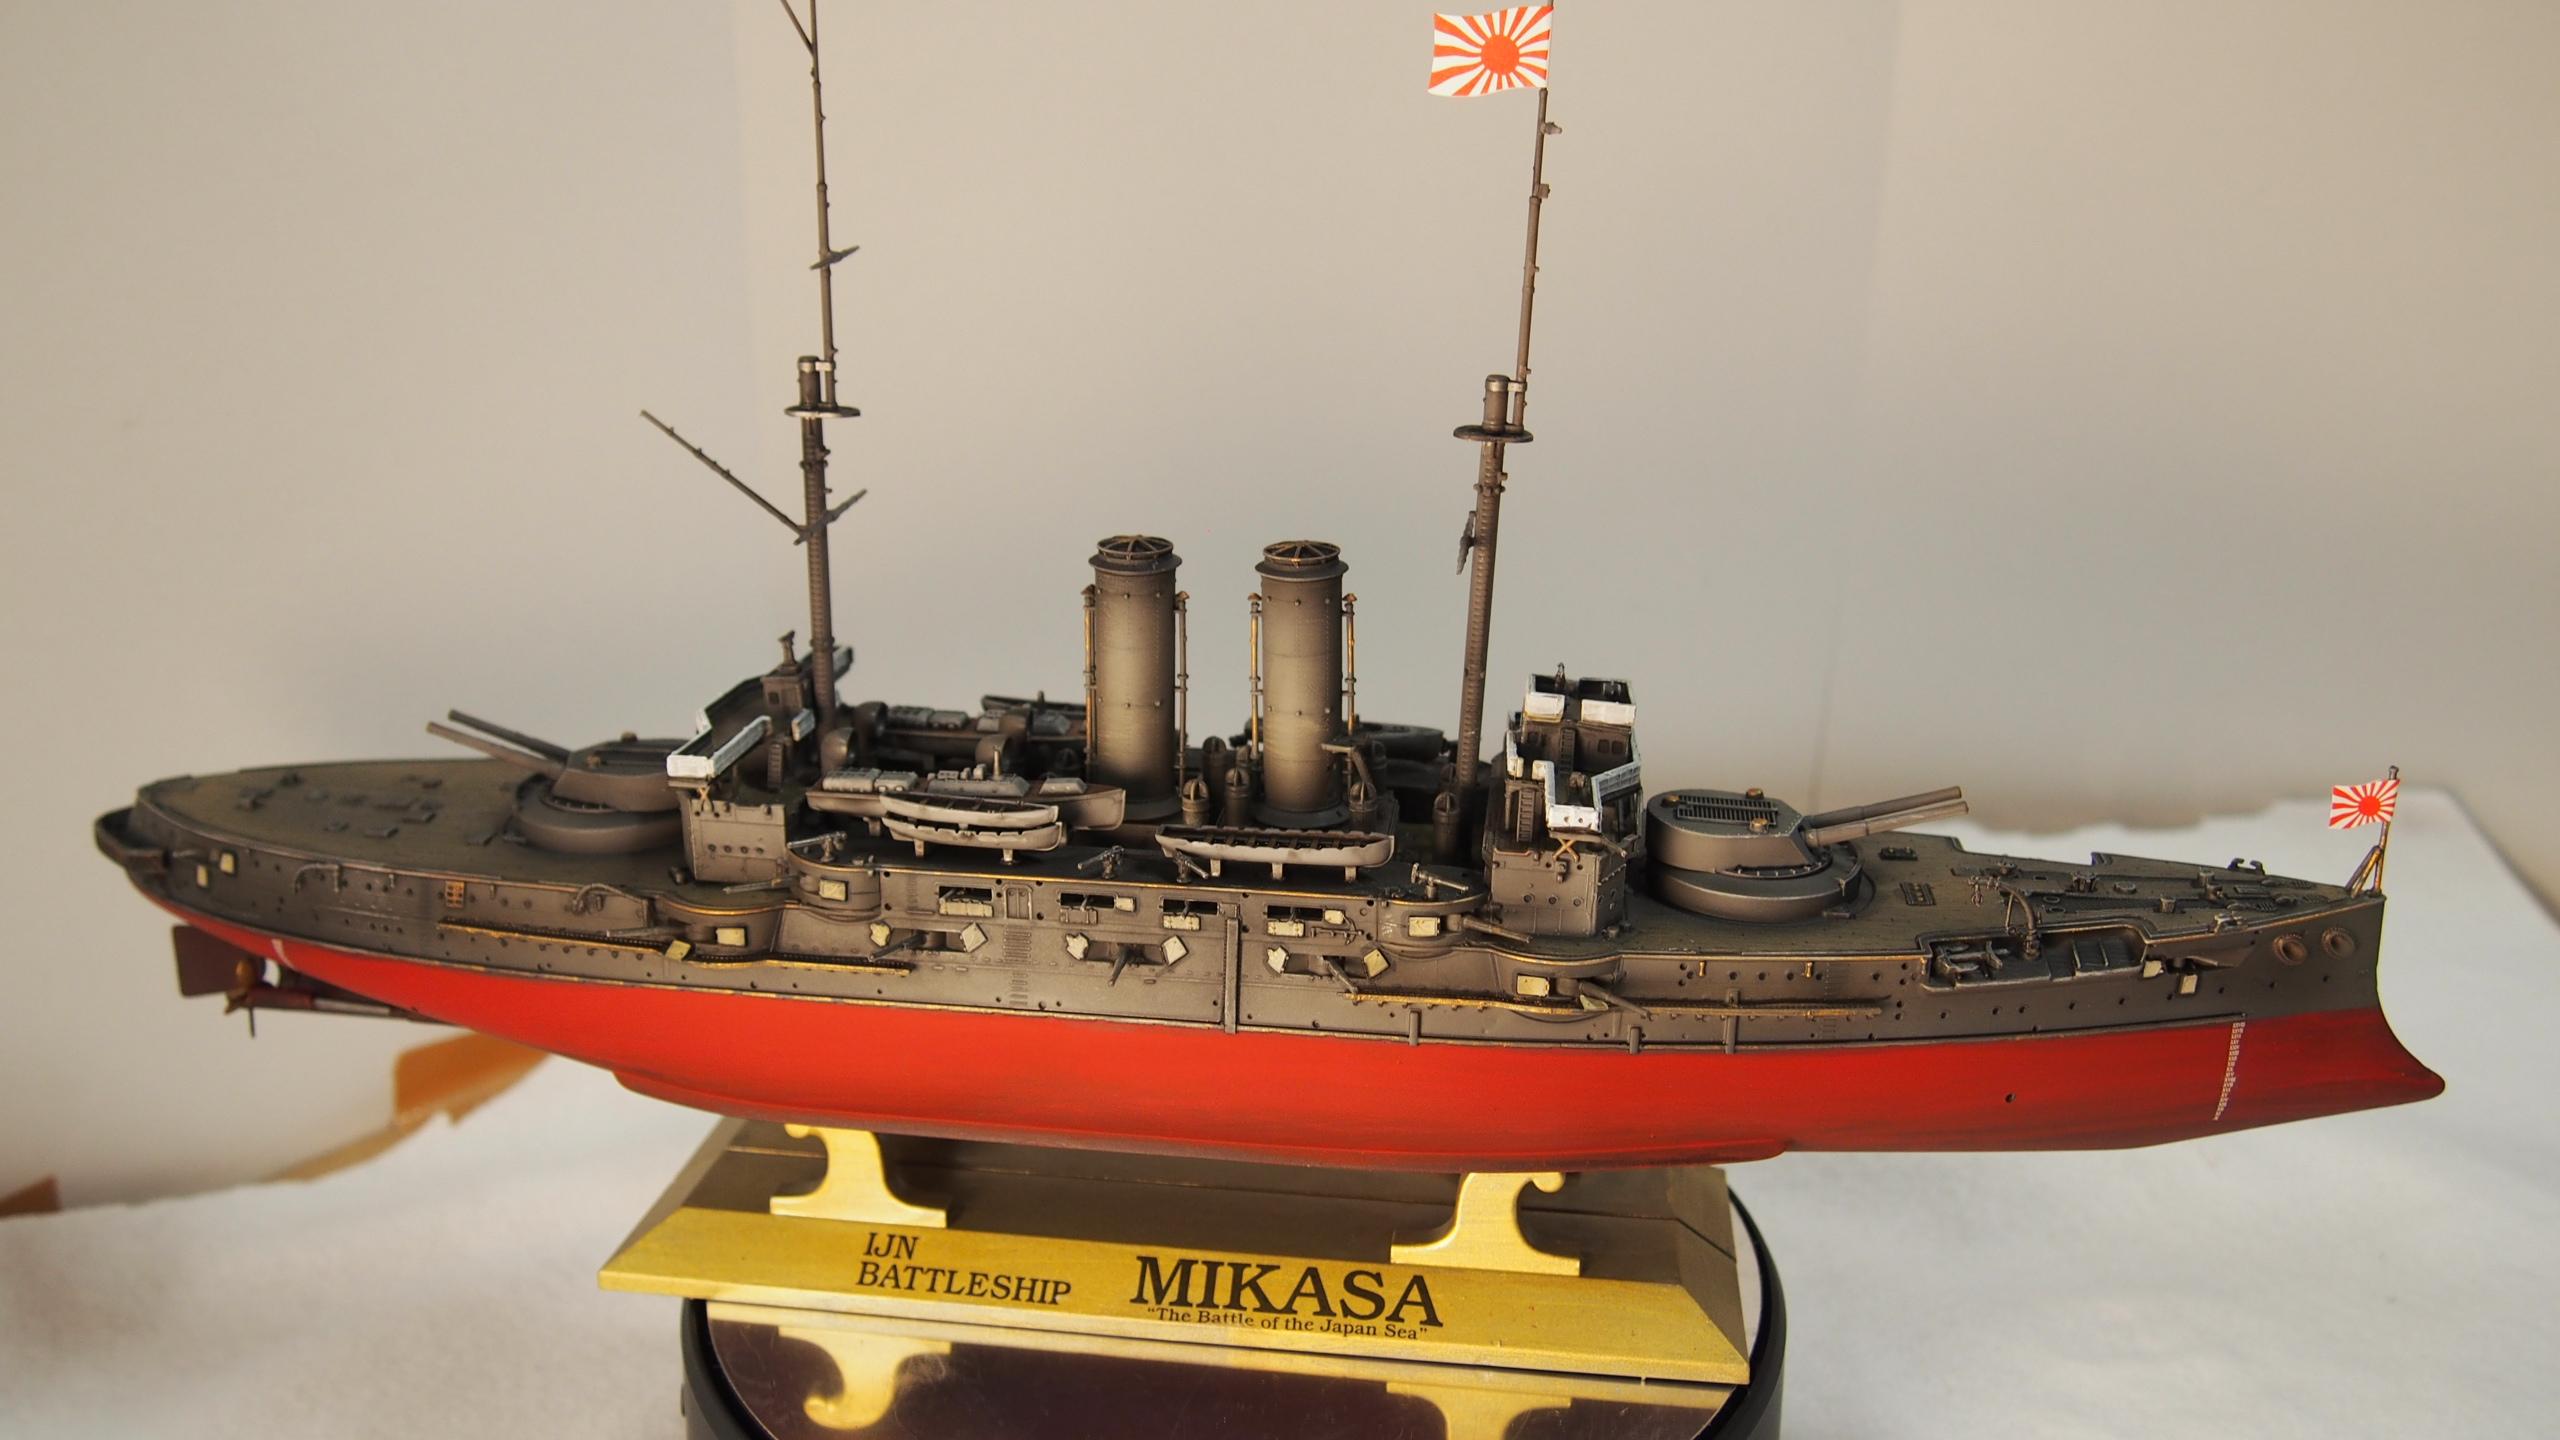 micro ou mini modèles 170630062805365248